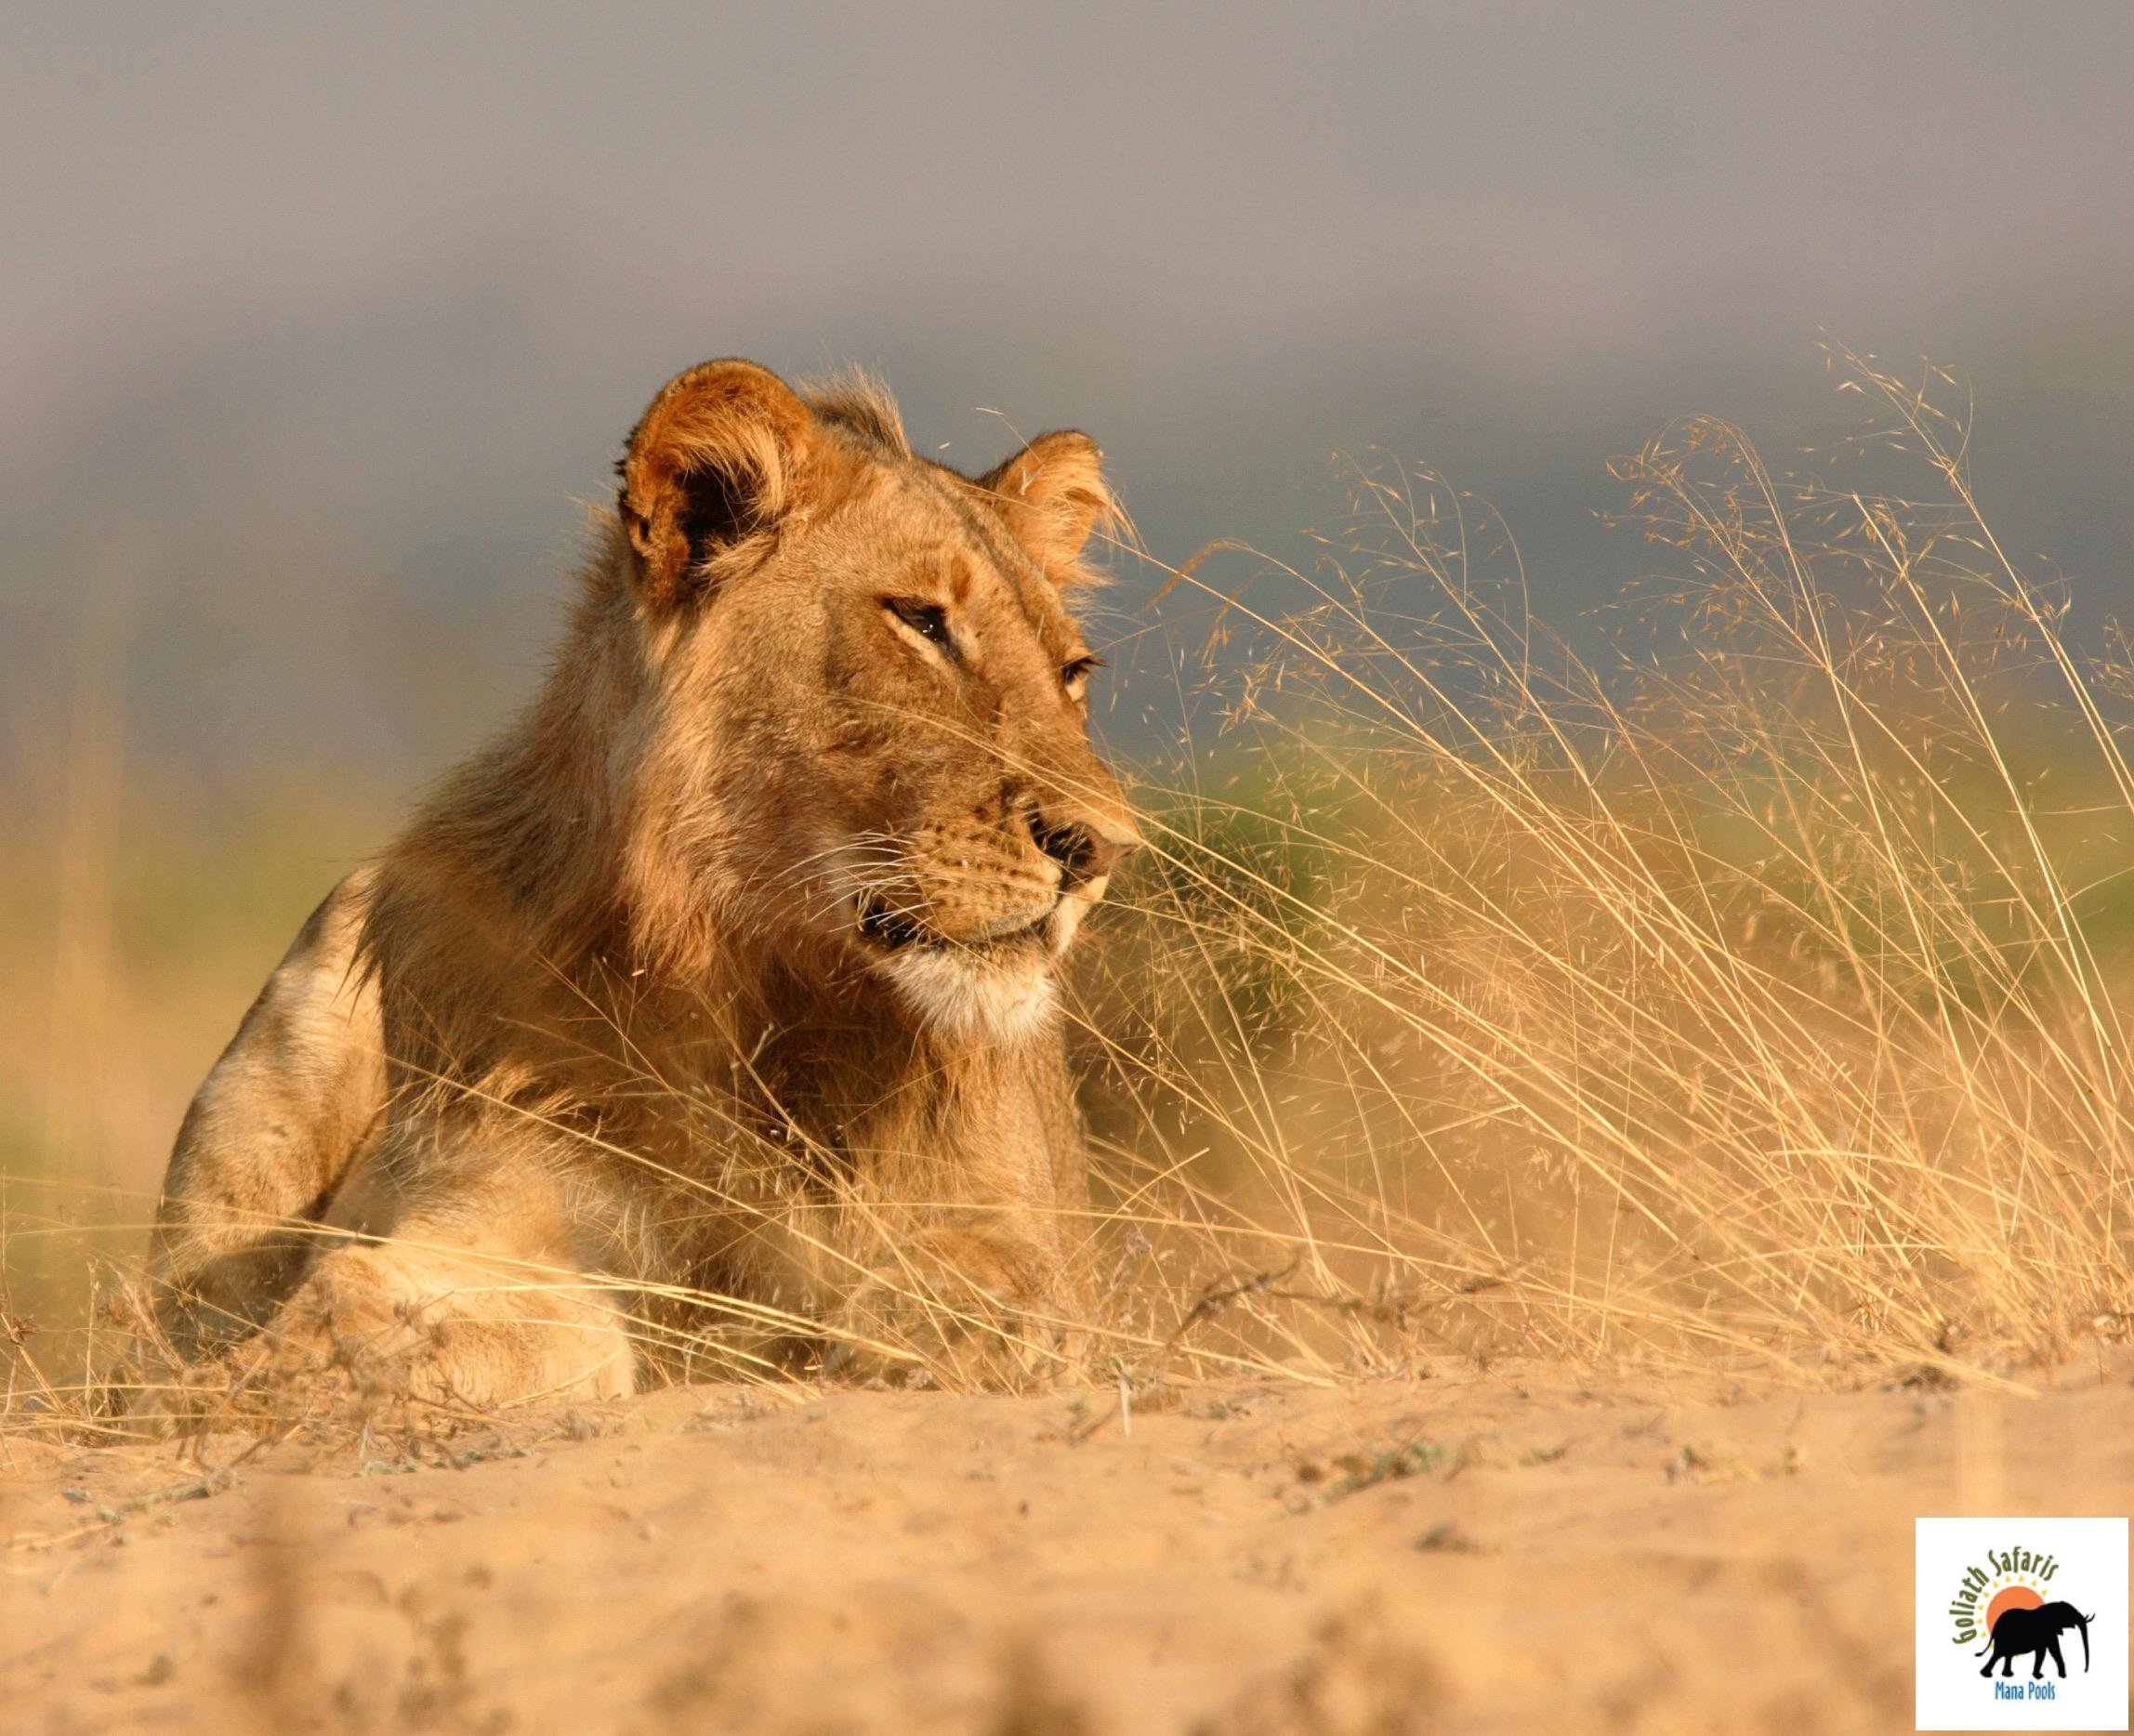 Lion au Goliath Safaris camp